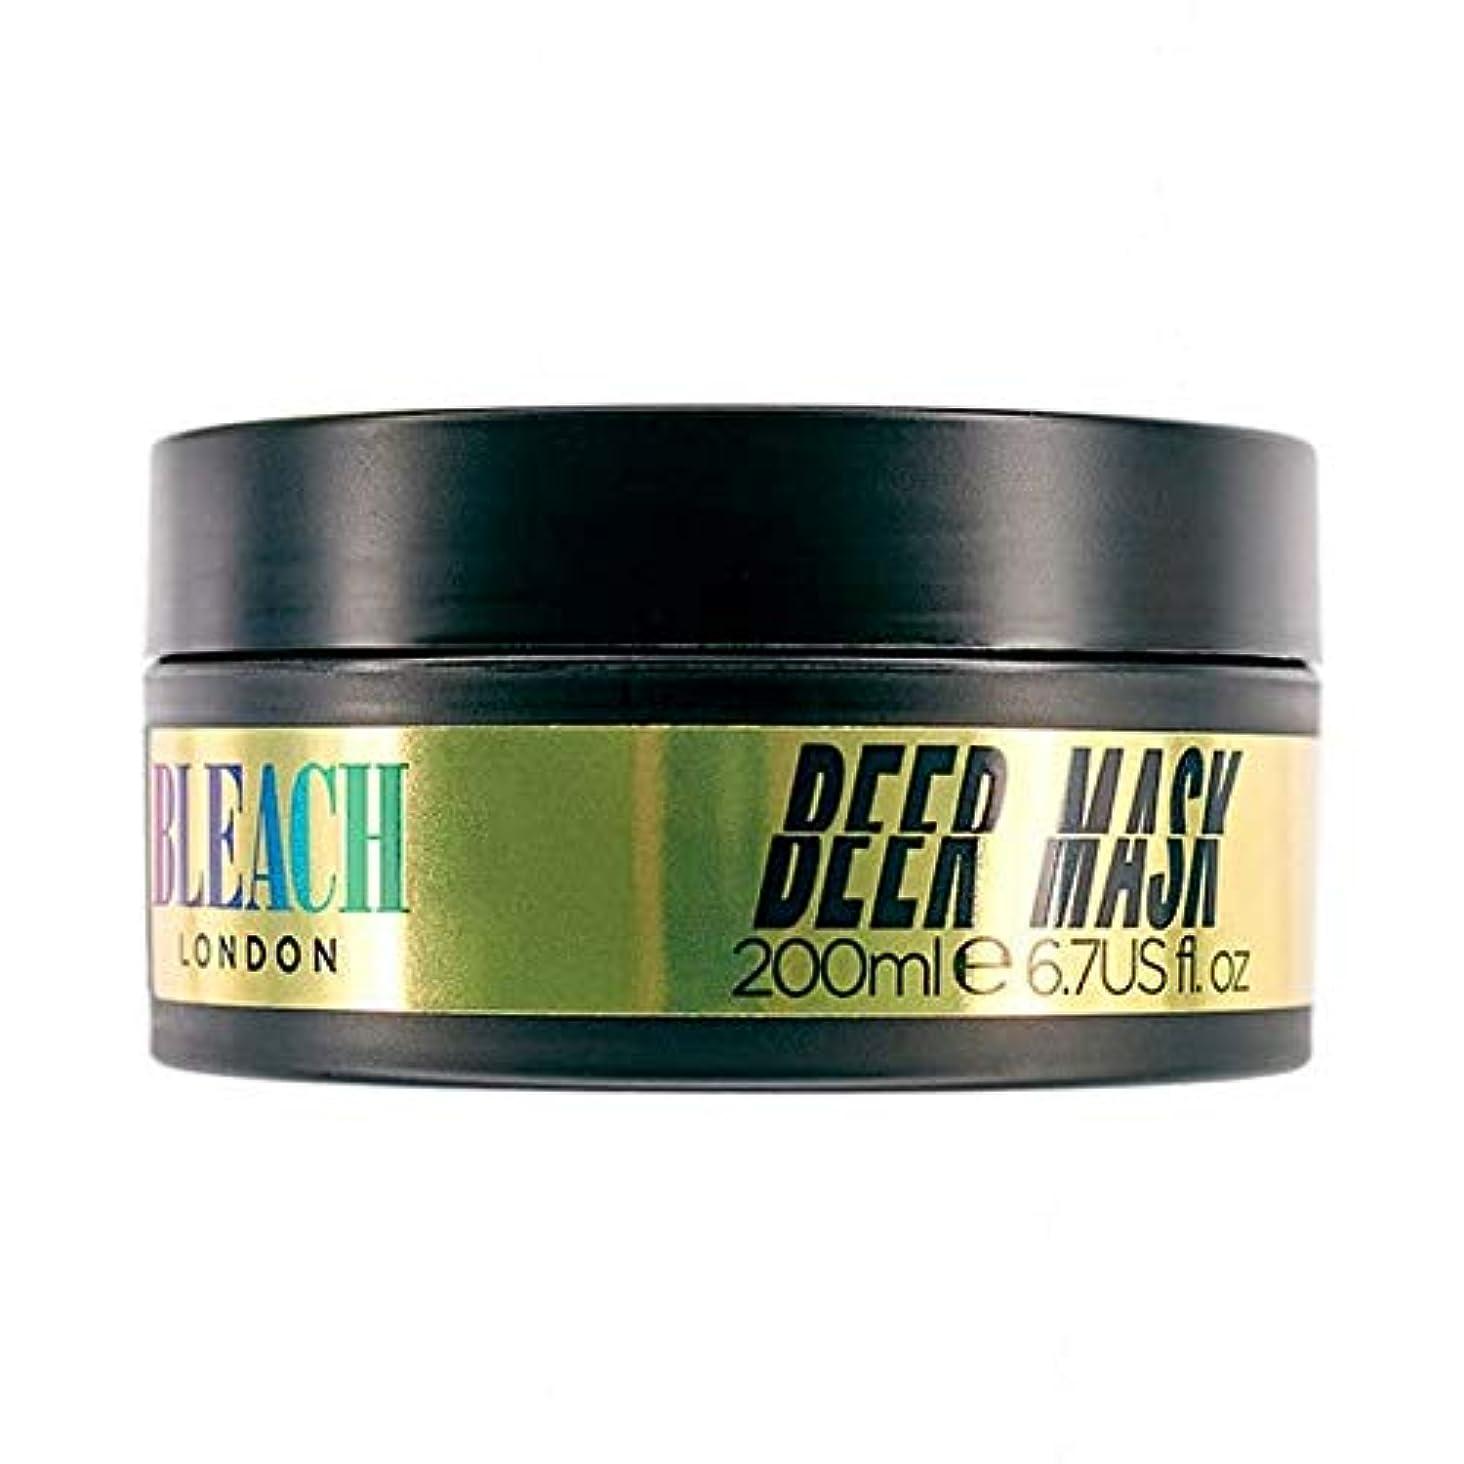 軌道麻酔薬インディカ[Bleach London ] 漂白ロンドンビールマスク200ミリリットル - Bleach London Beer Mask 200ml [並行輸入品]